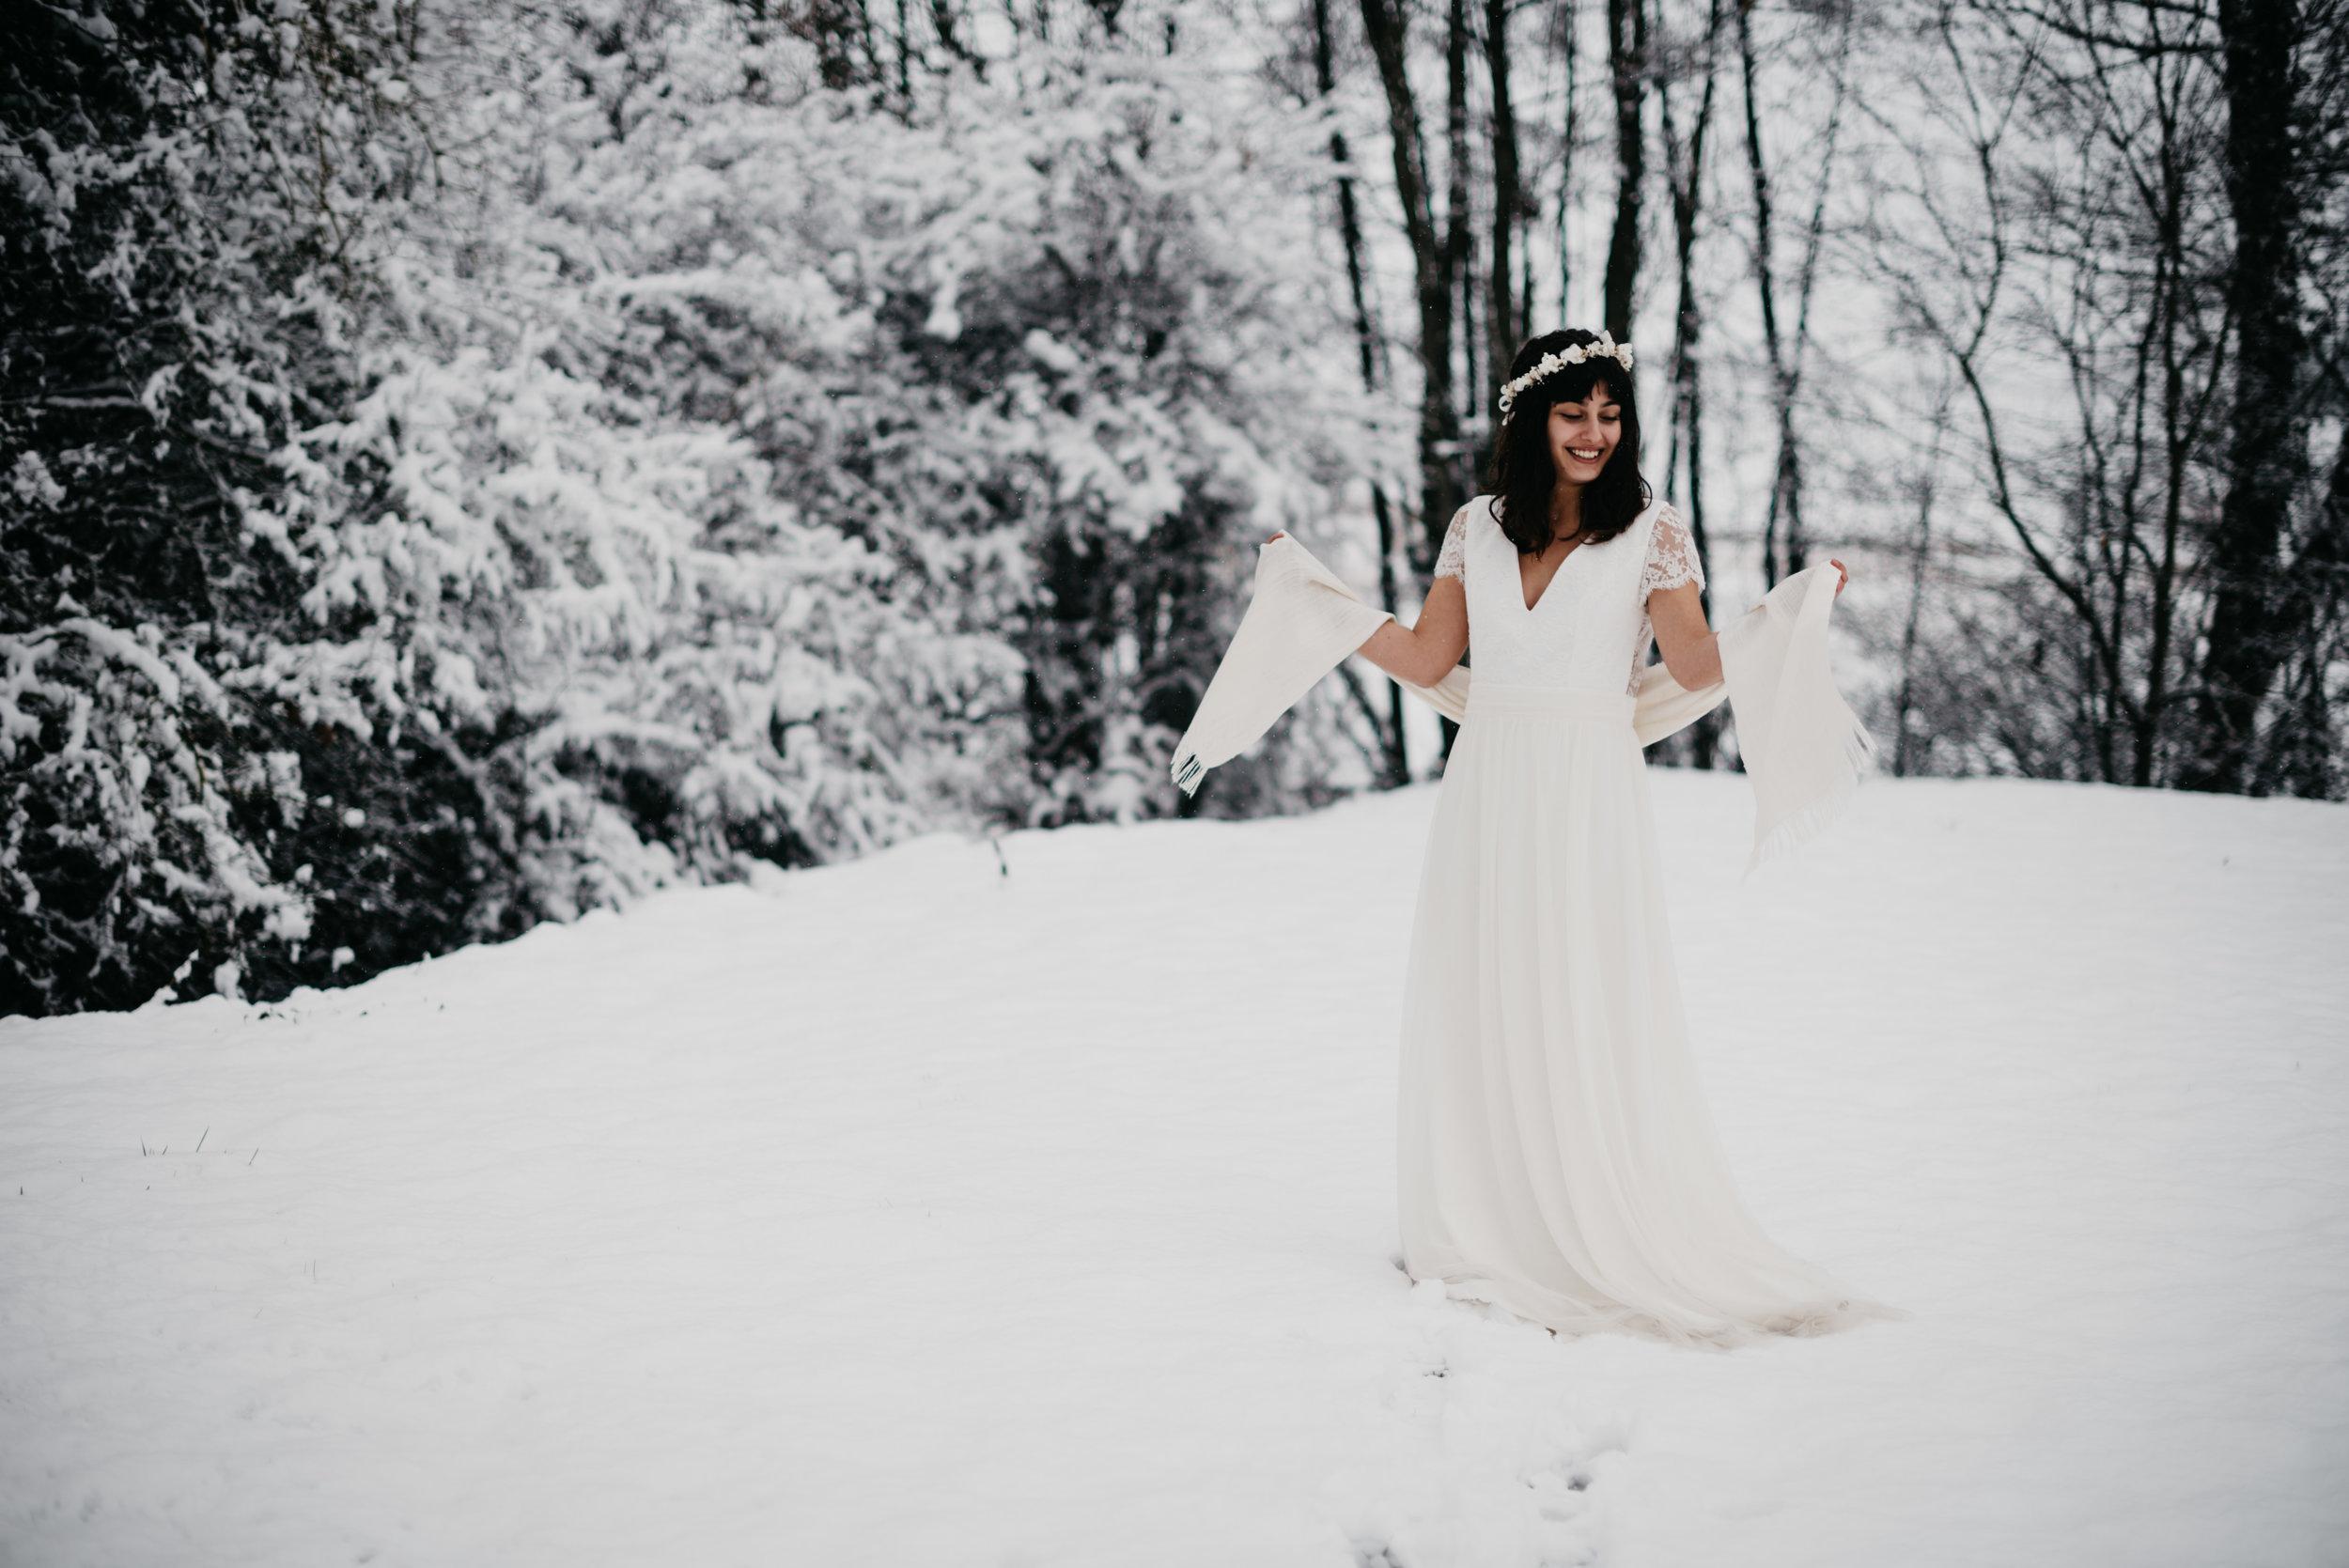 Étoles d'hiver - Kaa Couture - Mariage d'hiver